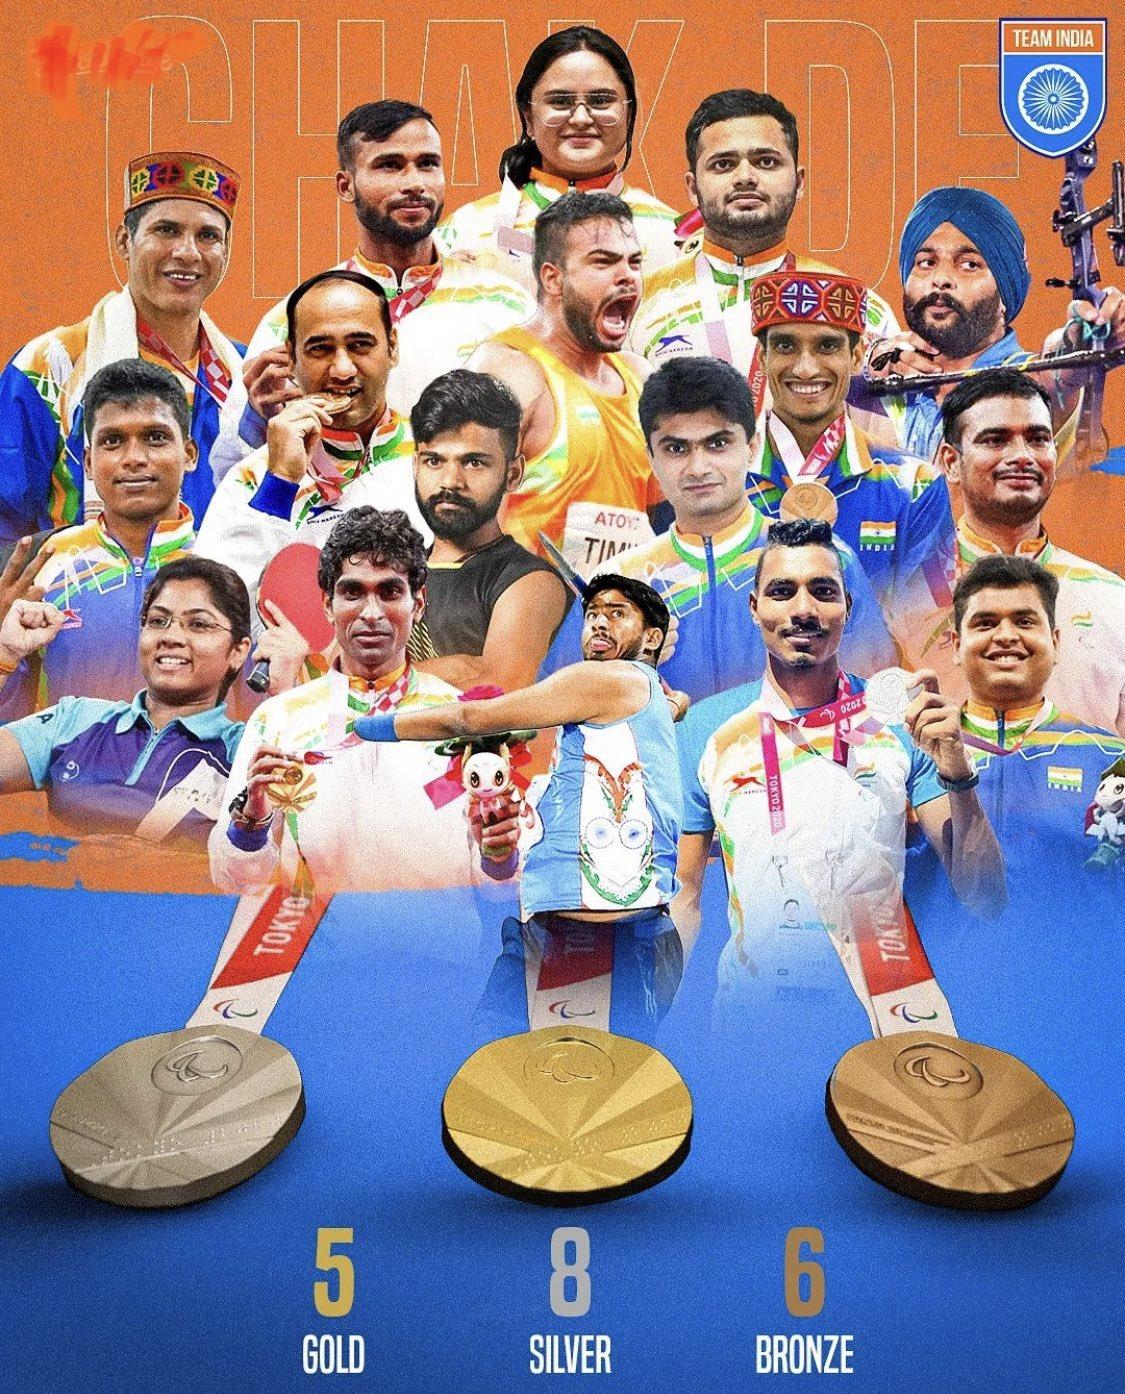 भारतीय खेलों के इतिहास में टोक्यो पैरालंपिक का हमेशा विशेष स्थान रहेगा: प्रधानमंत्री मोदी